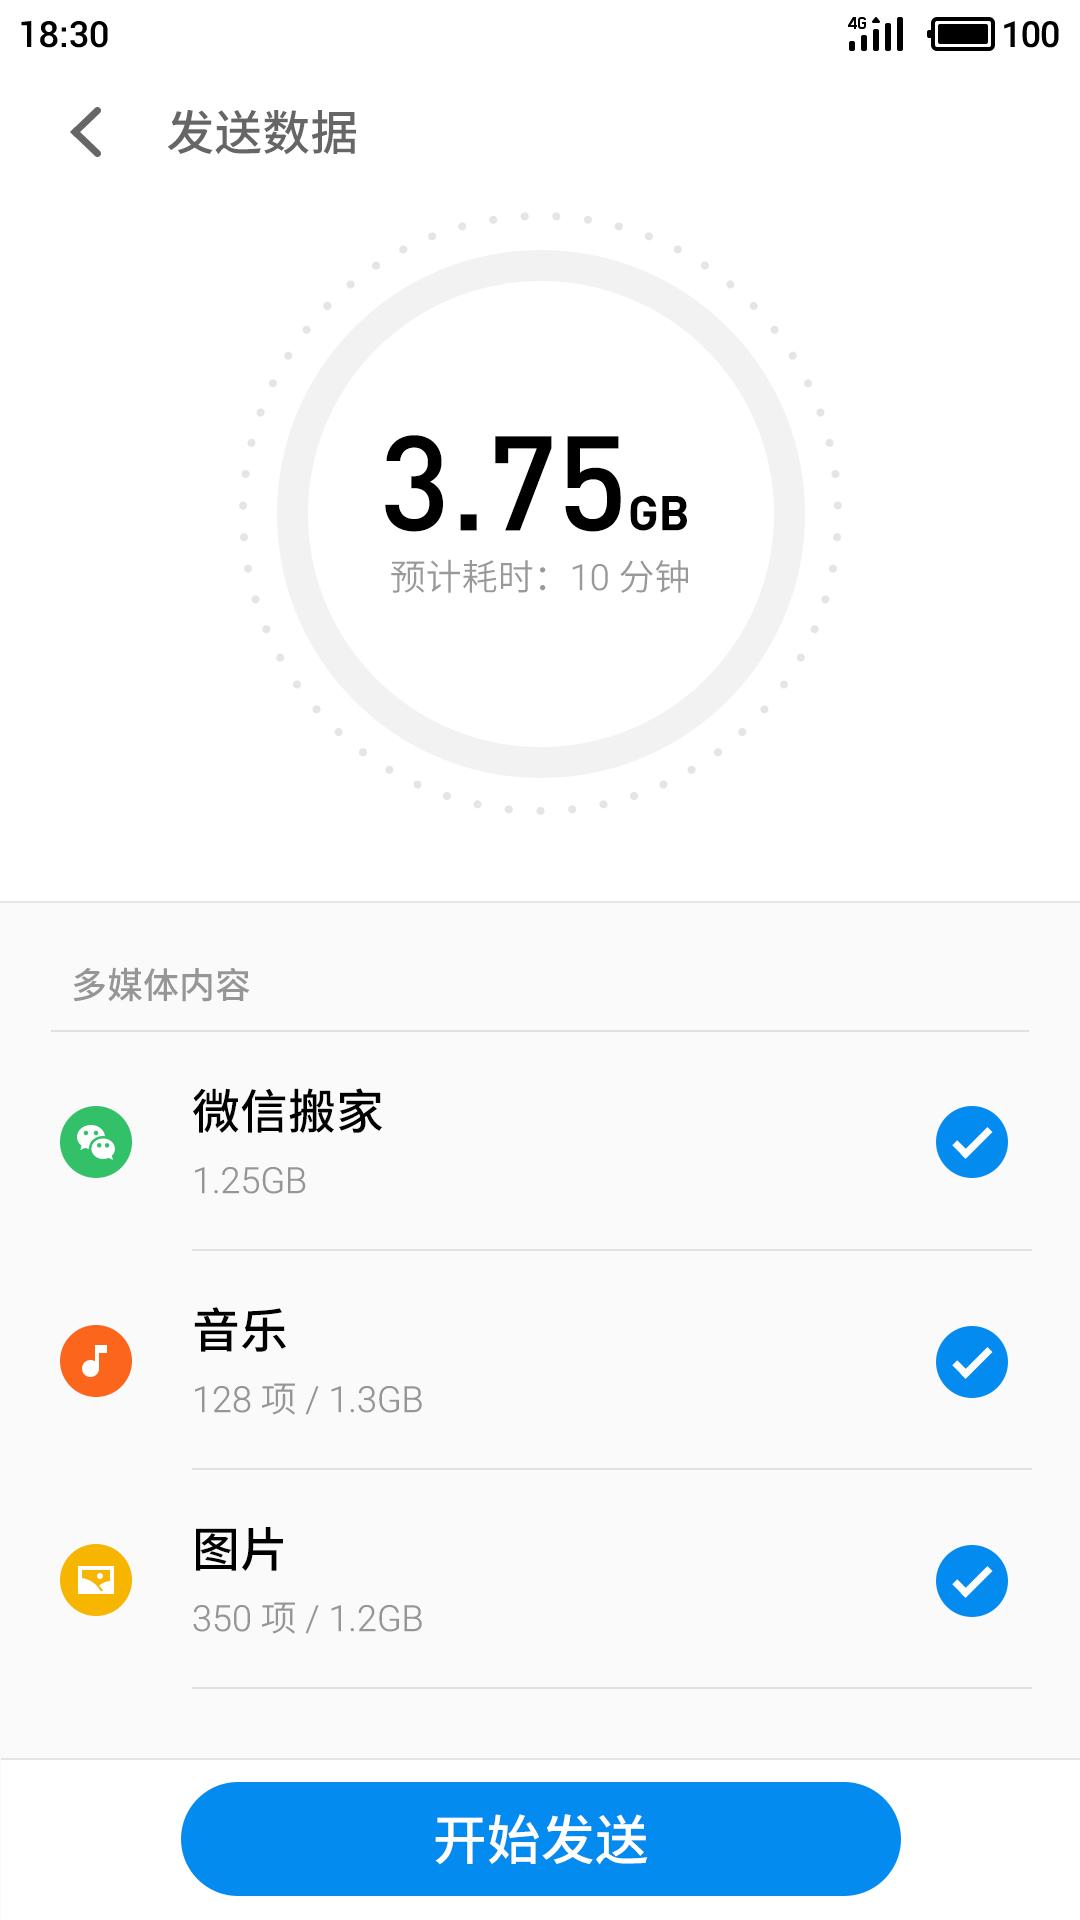 魅族换机助手 V2.2.4 安卓版截图2